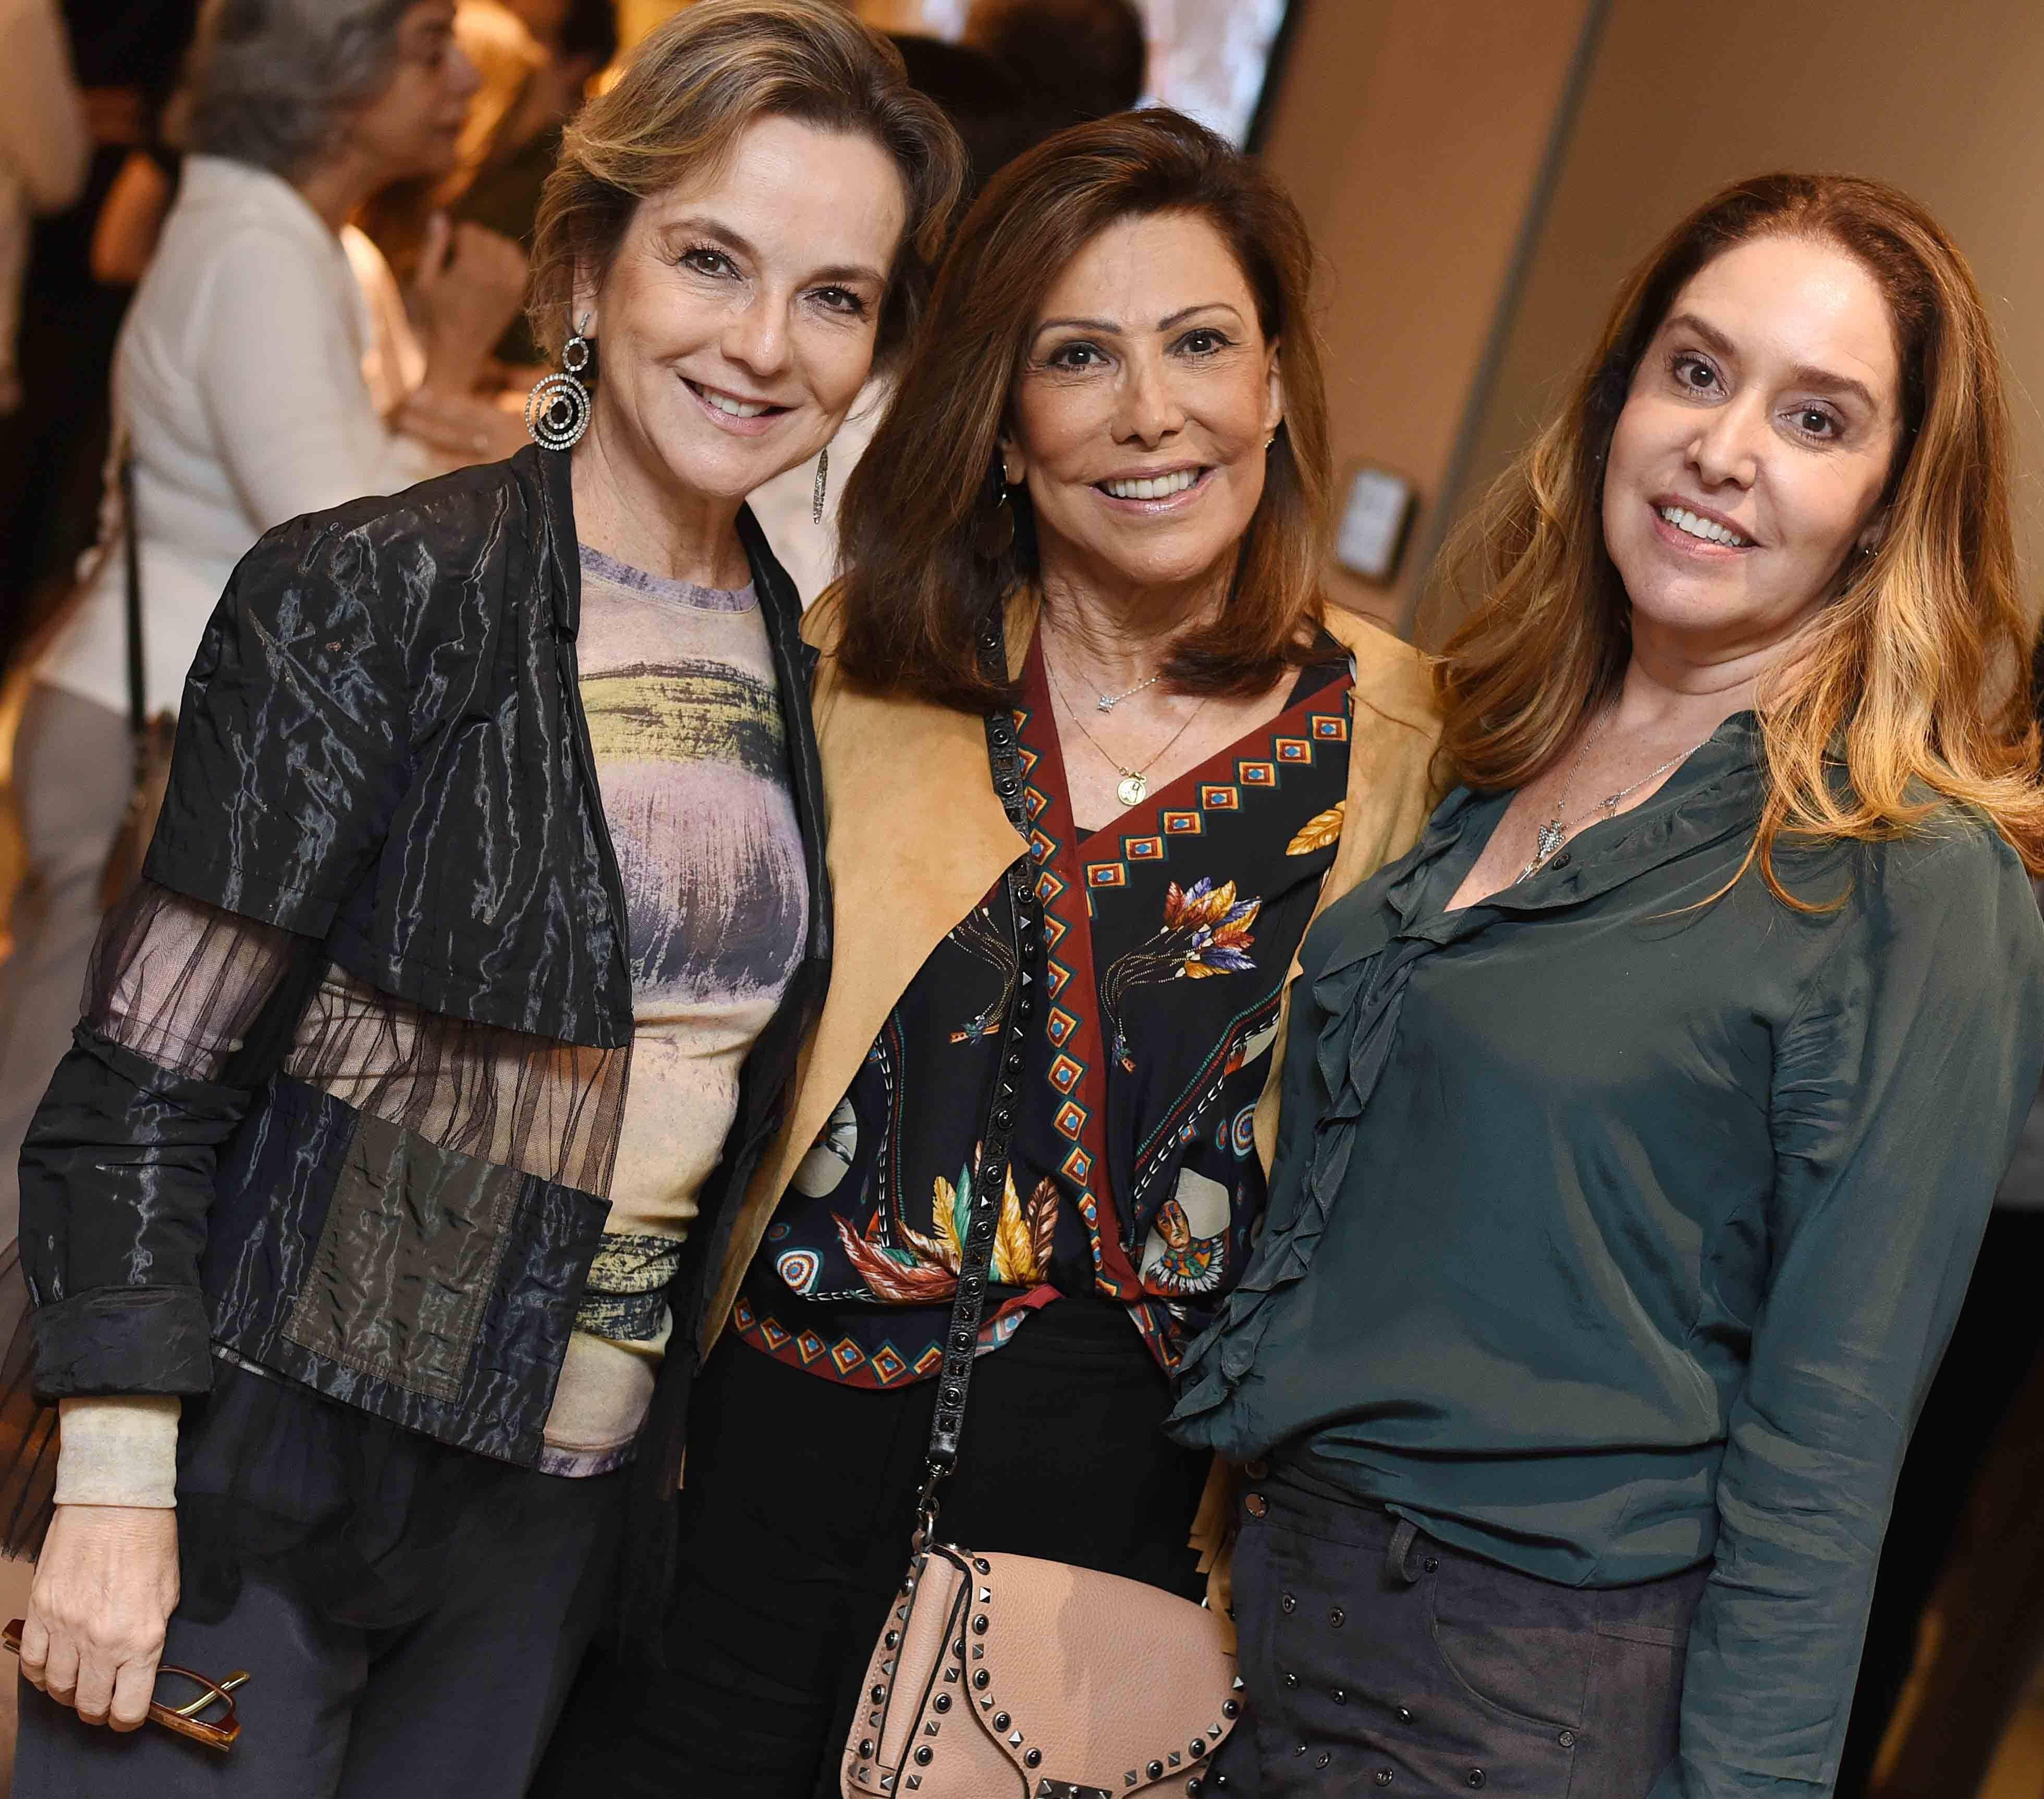 Bia Lettiere, Anna Luiza Rothier e Anna Malta  /Foto: Ari Kaye